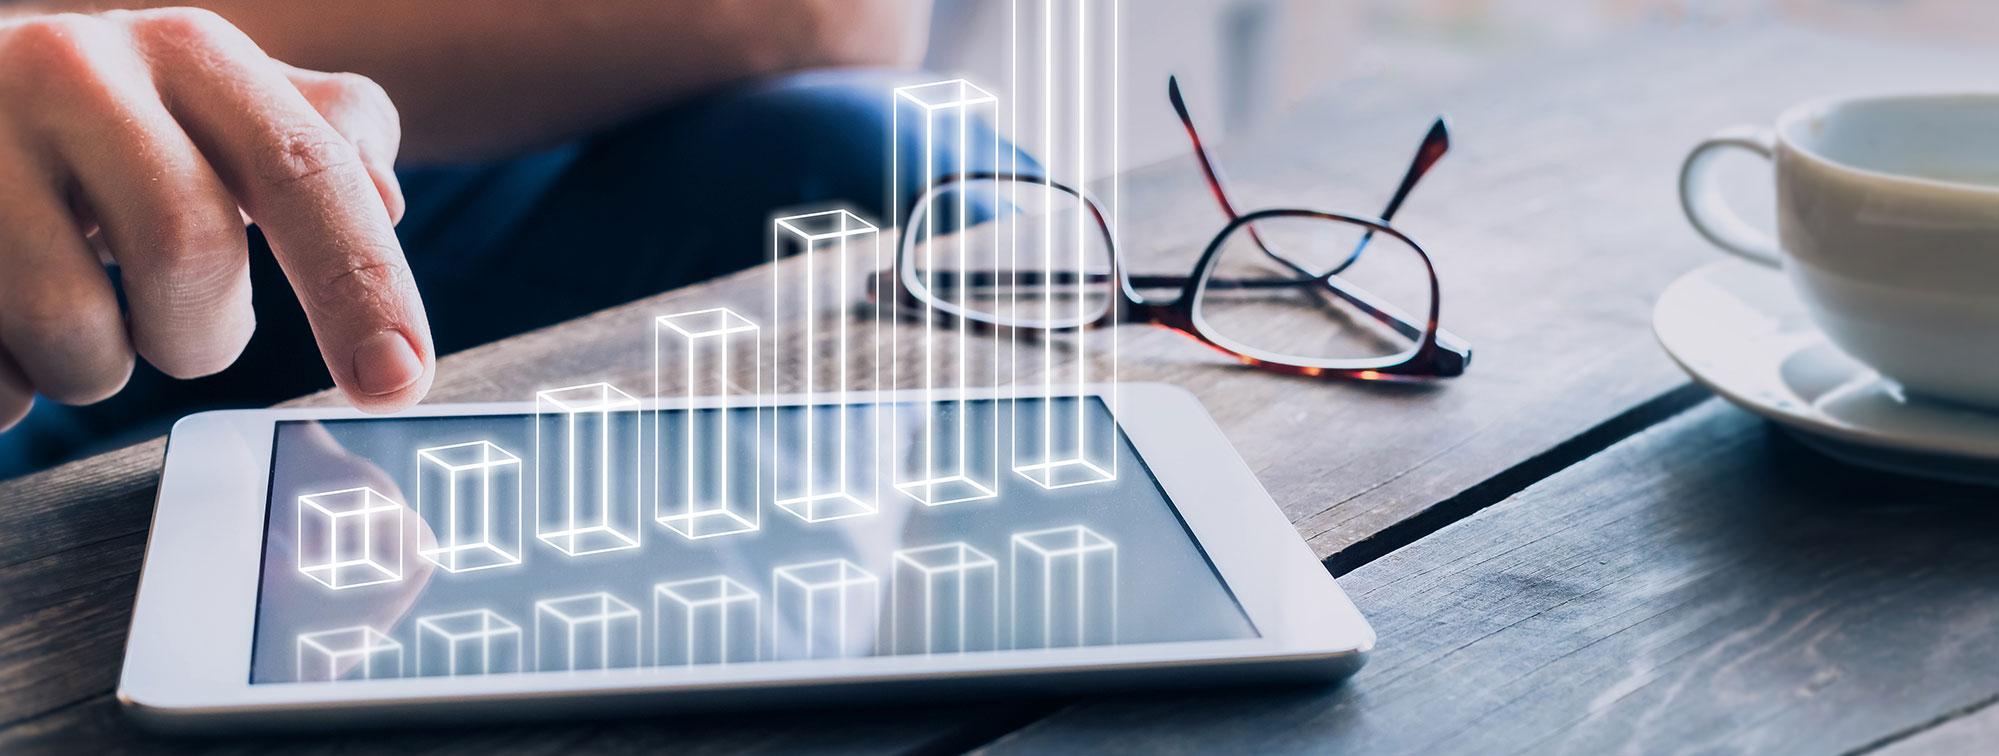 Schnell zu mehr Umsatz – durch Kundenbewertungen